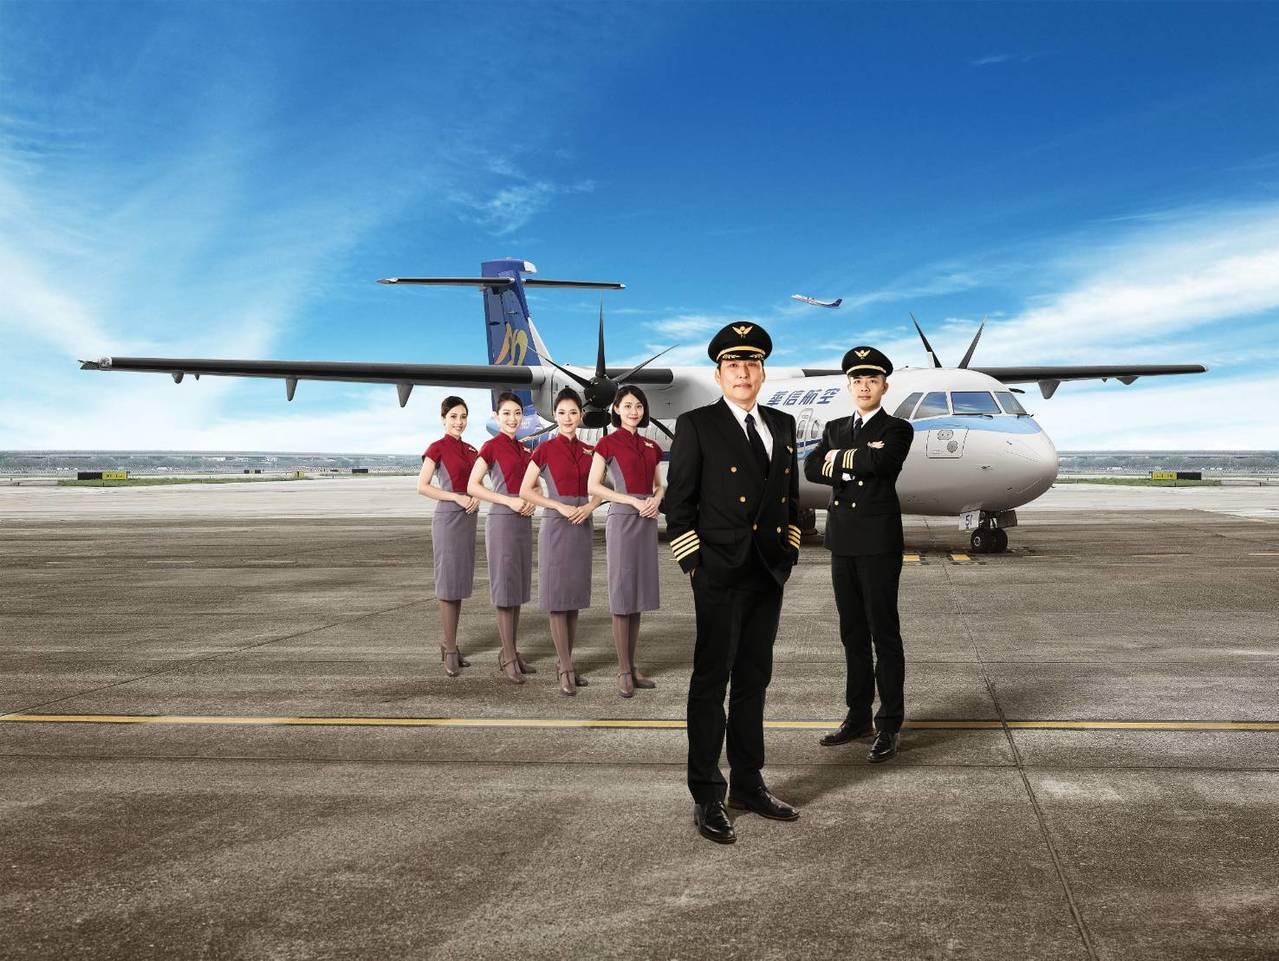 華信航空因應ATR72-600新機引進,配合機隊營運需求,2019年度將招募20...